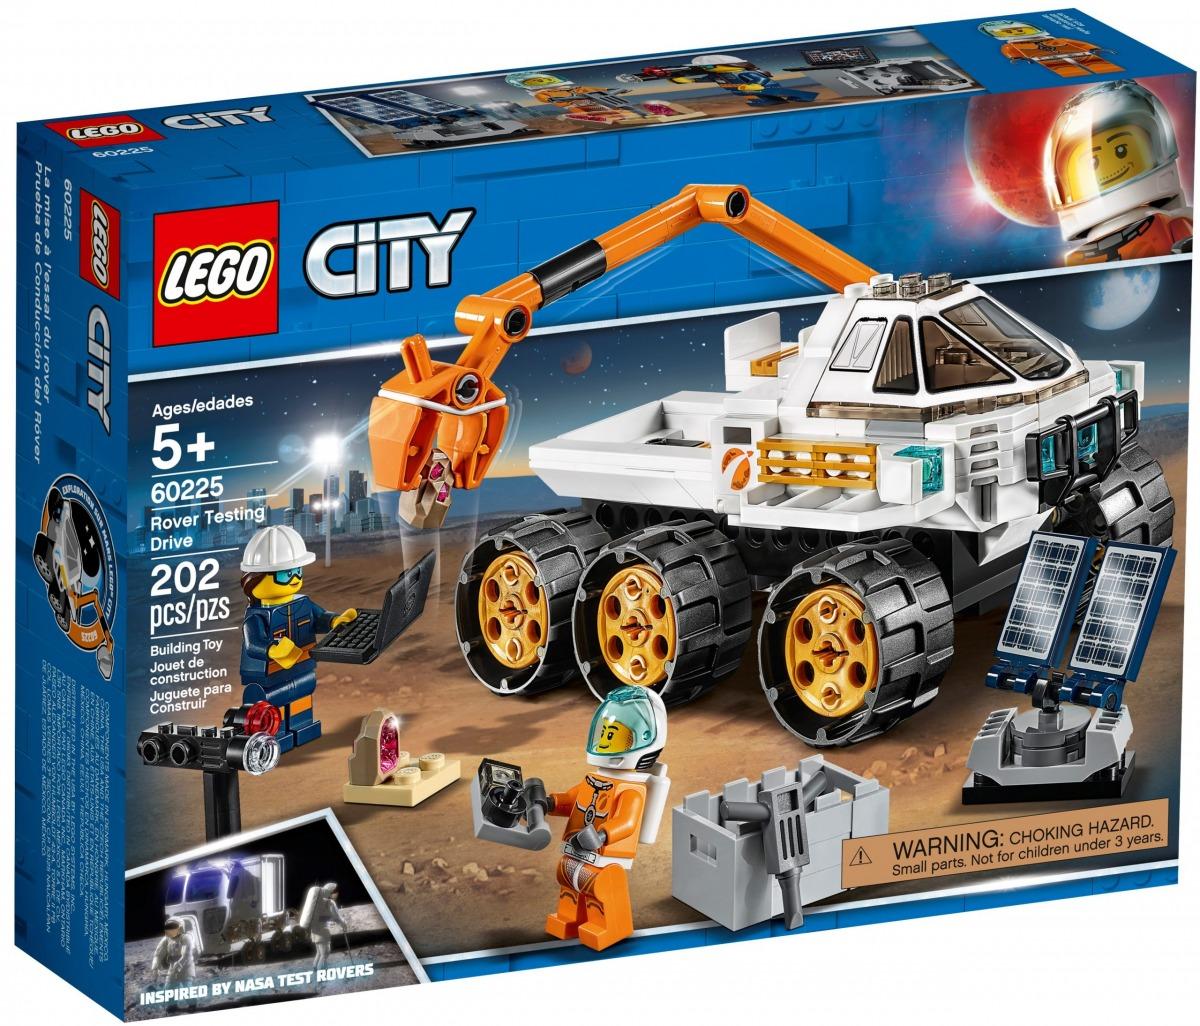 lego 60225 prueba de conduccion del rover scaled